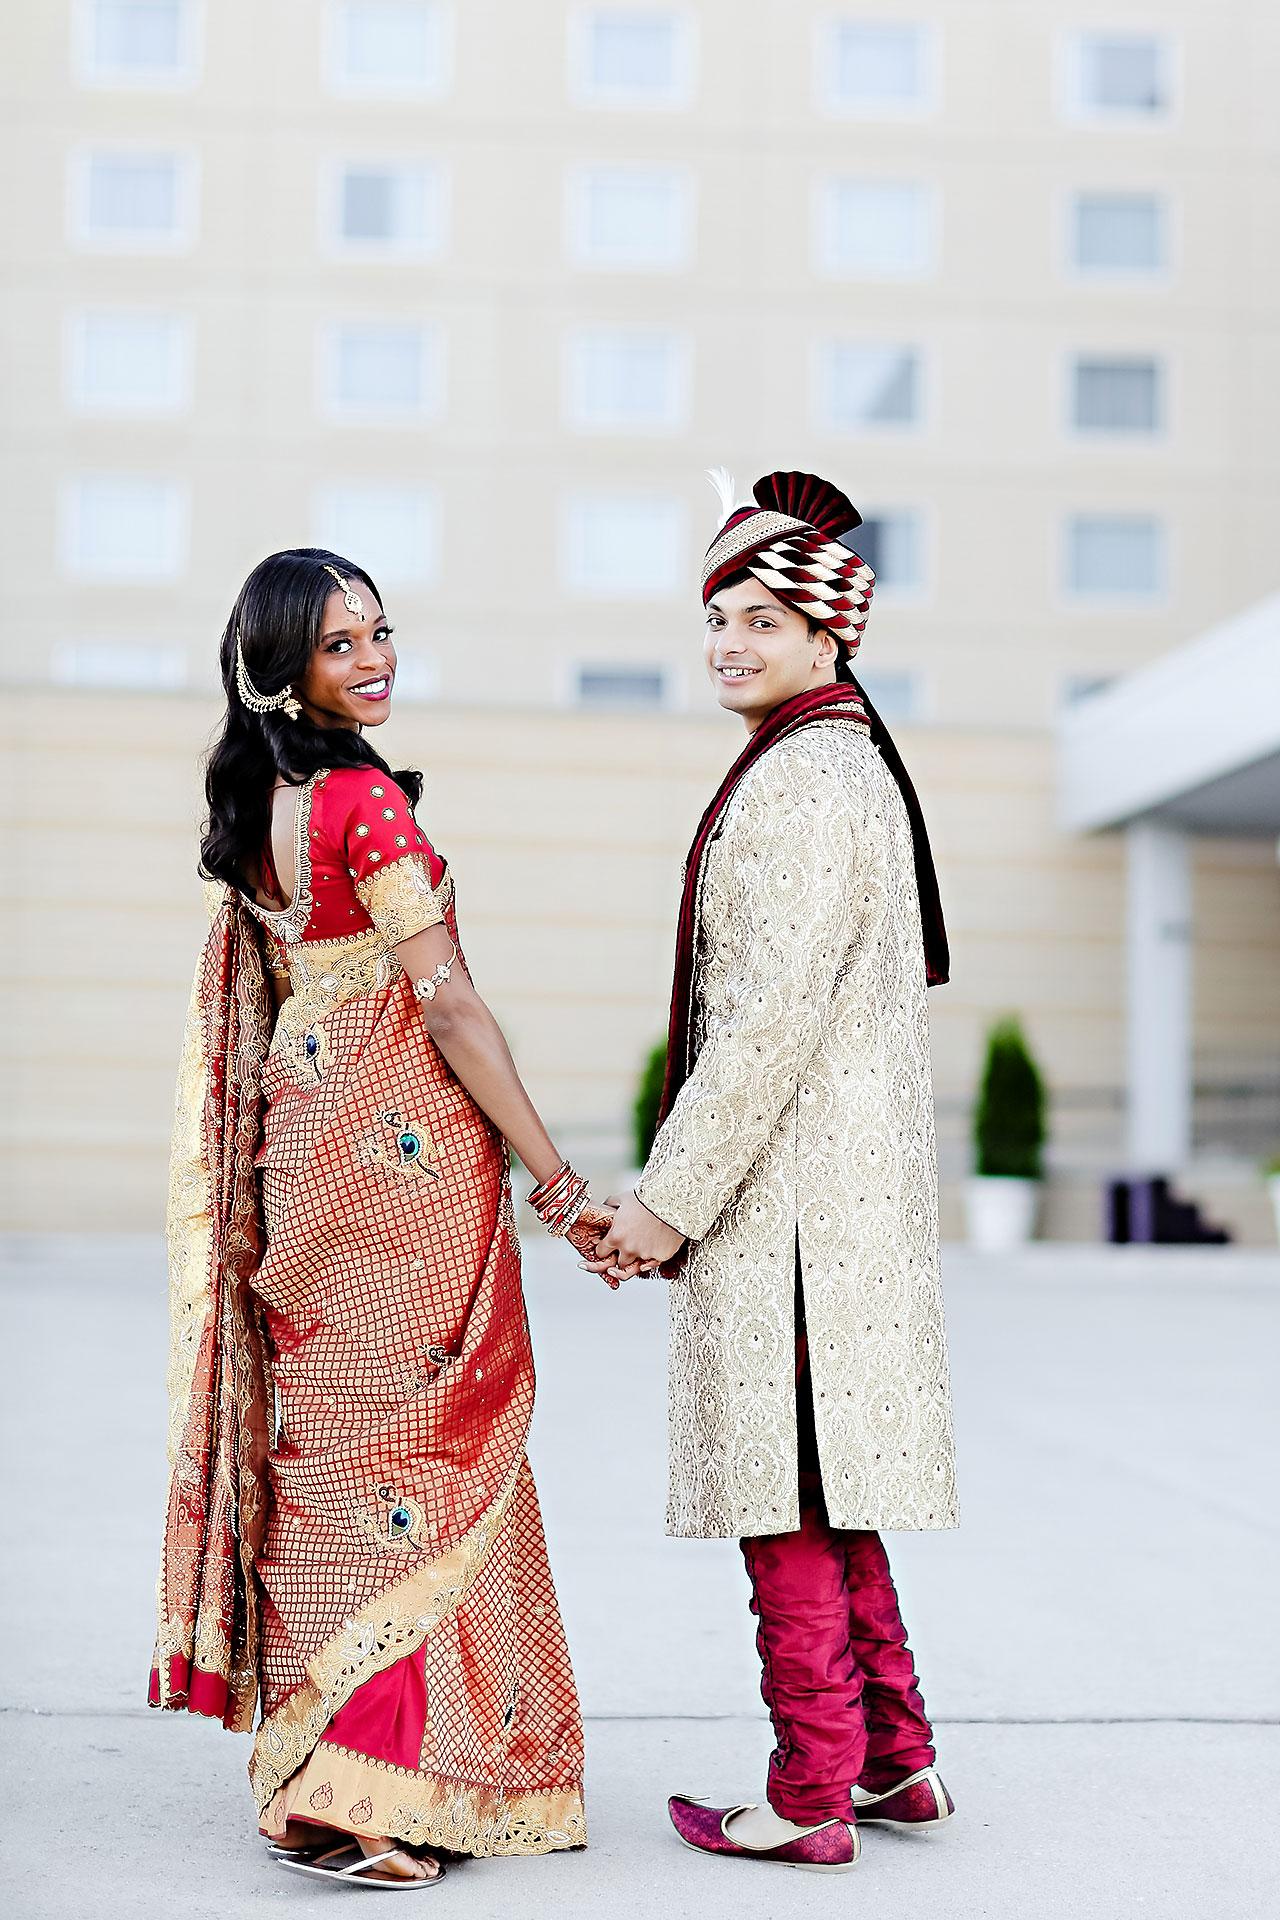 Joie Nikhil JW Marriott Indian Wedding 052